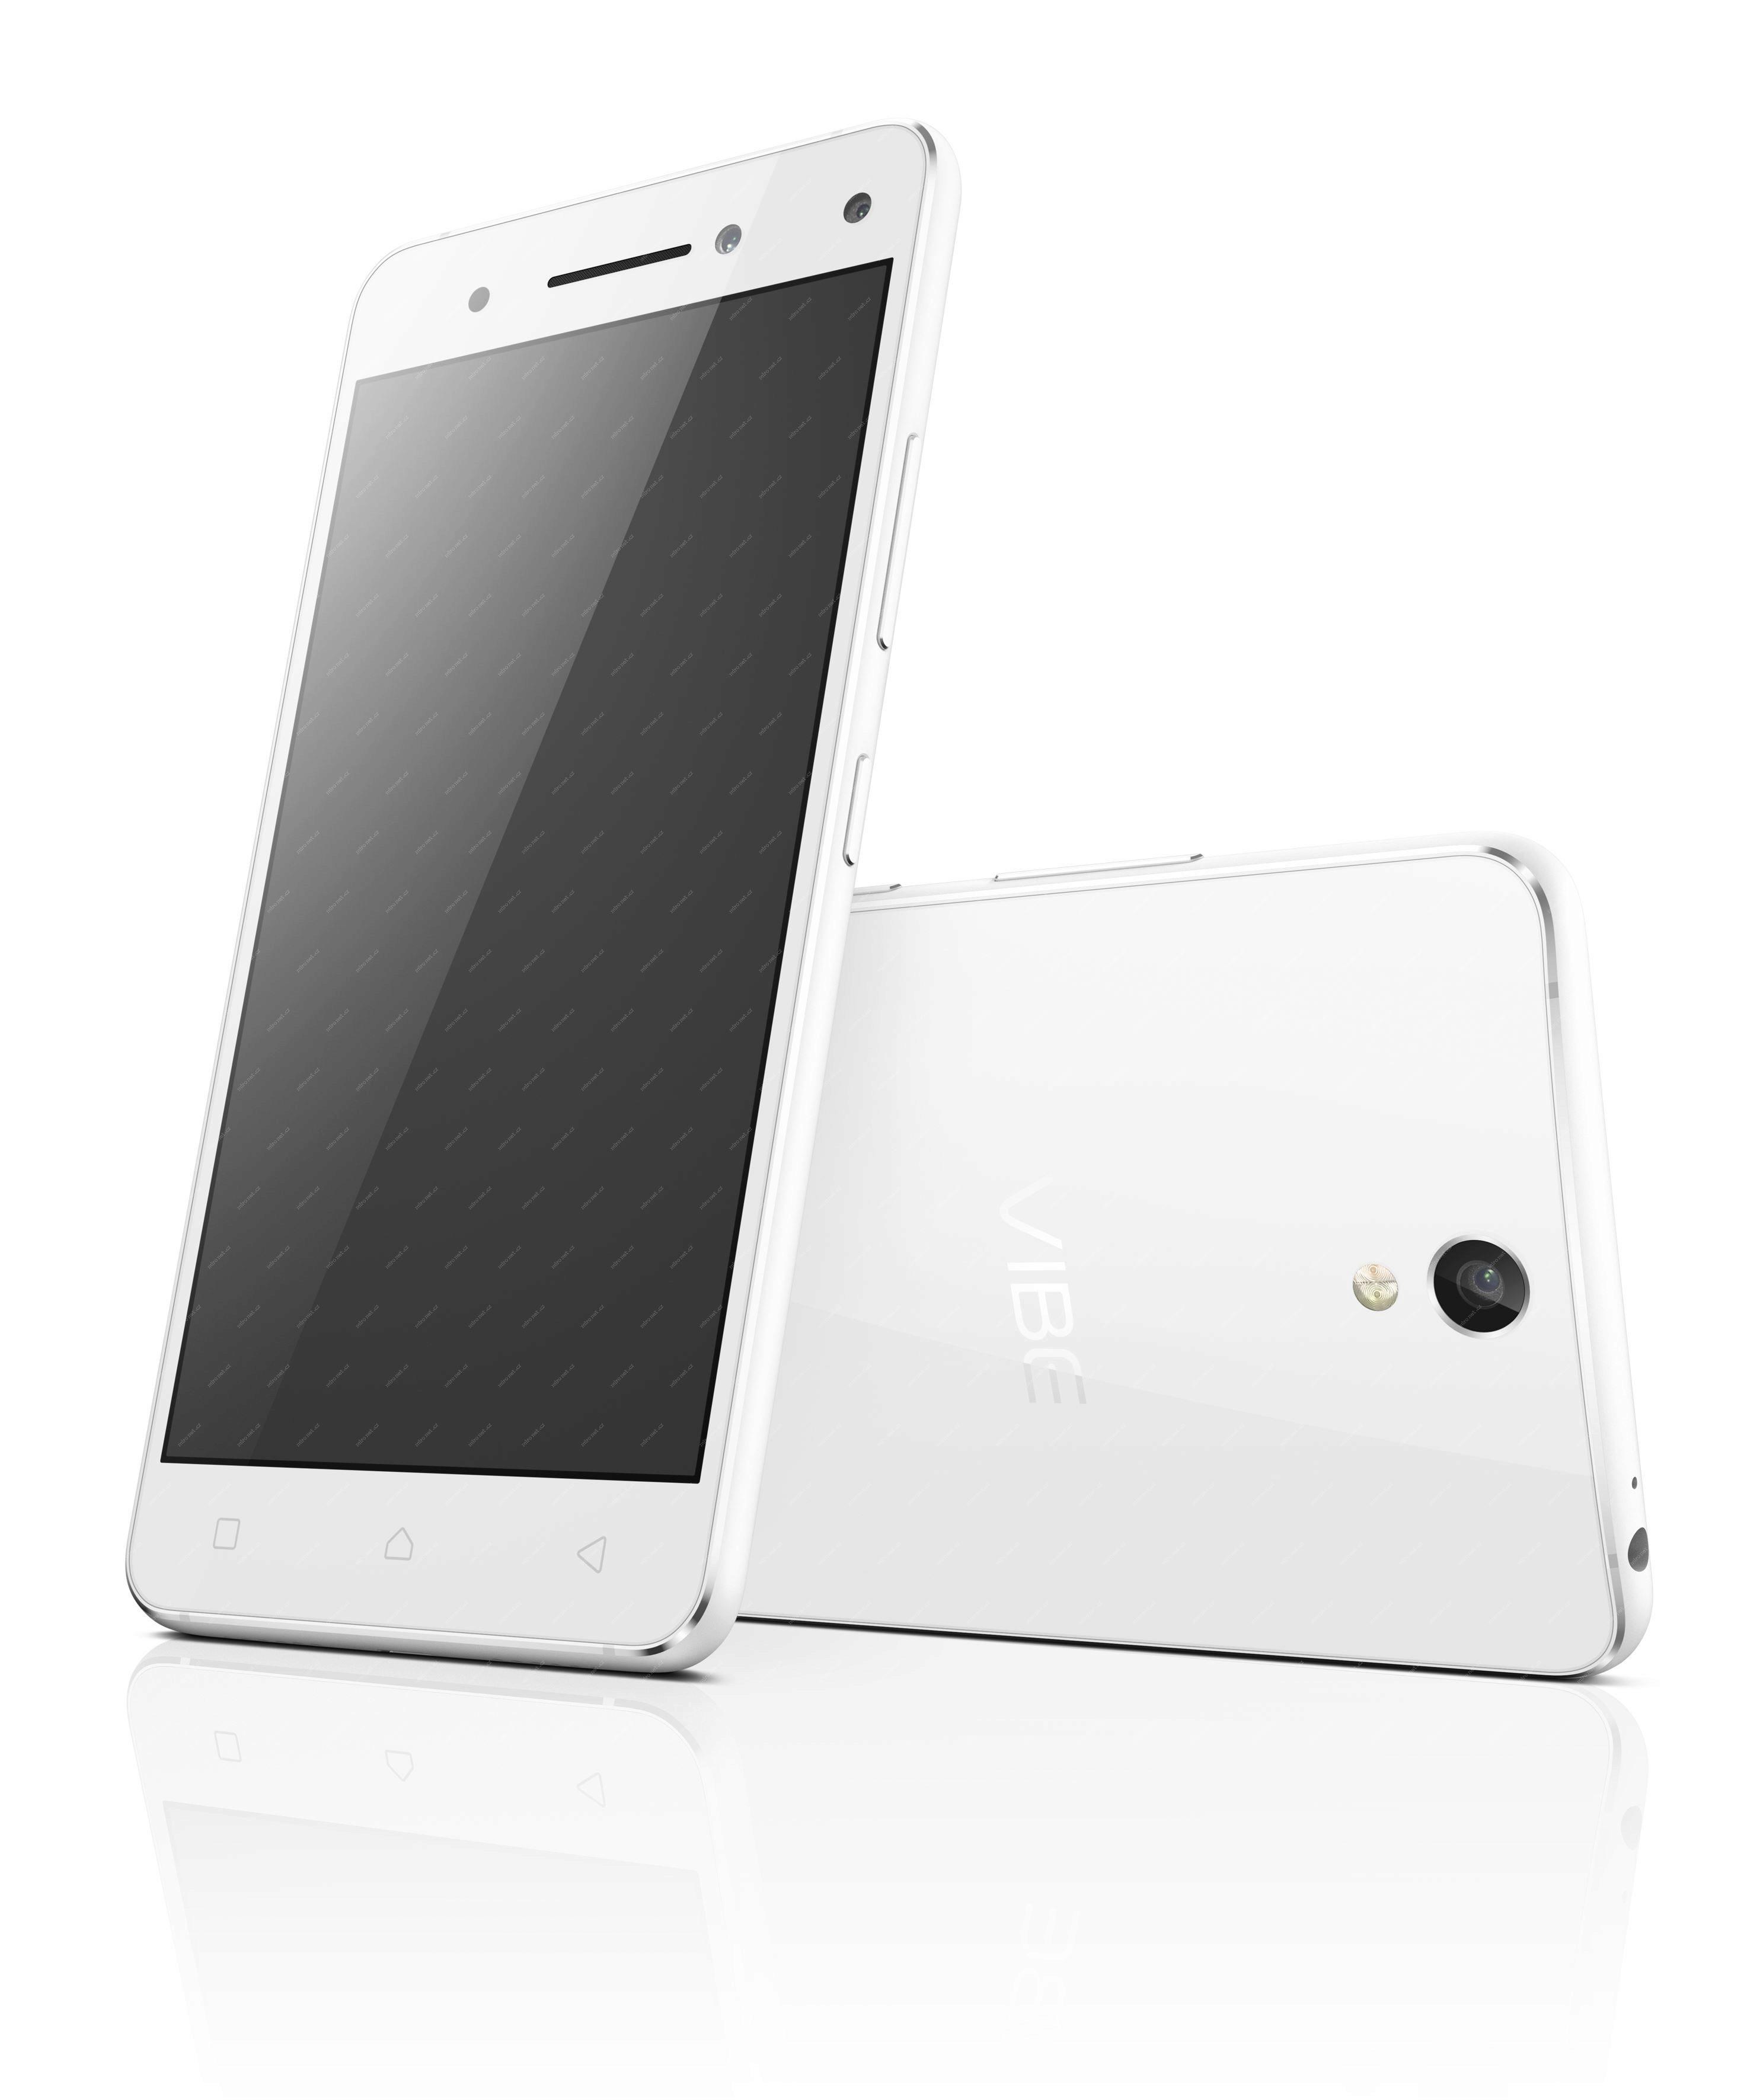 Mobiln telefon Lenovo Vibe S1 LTE Dual SIM